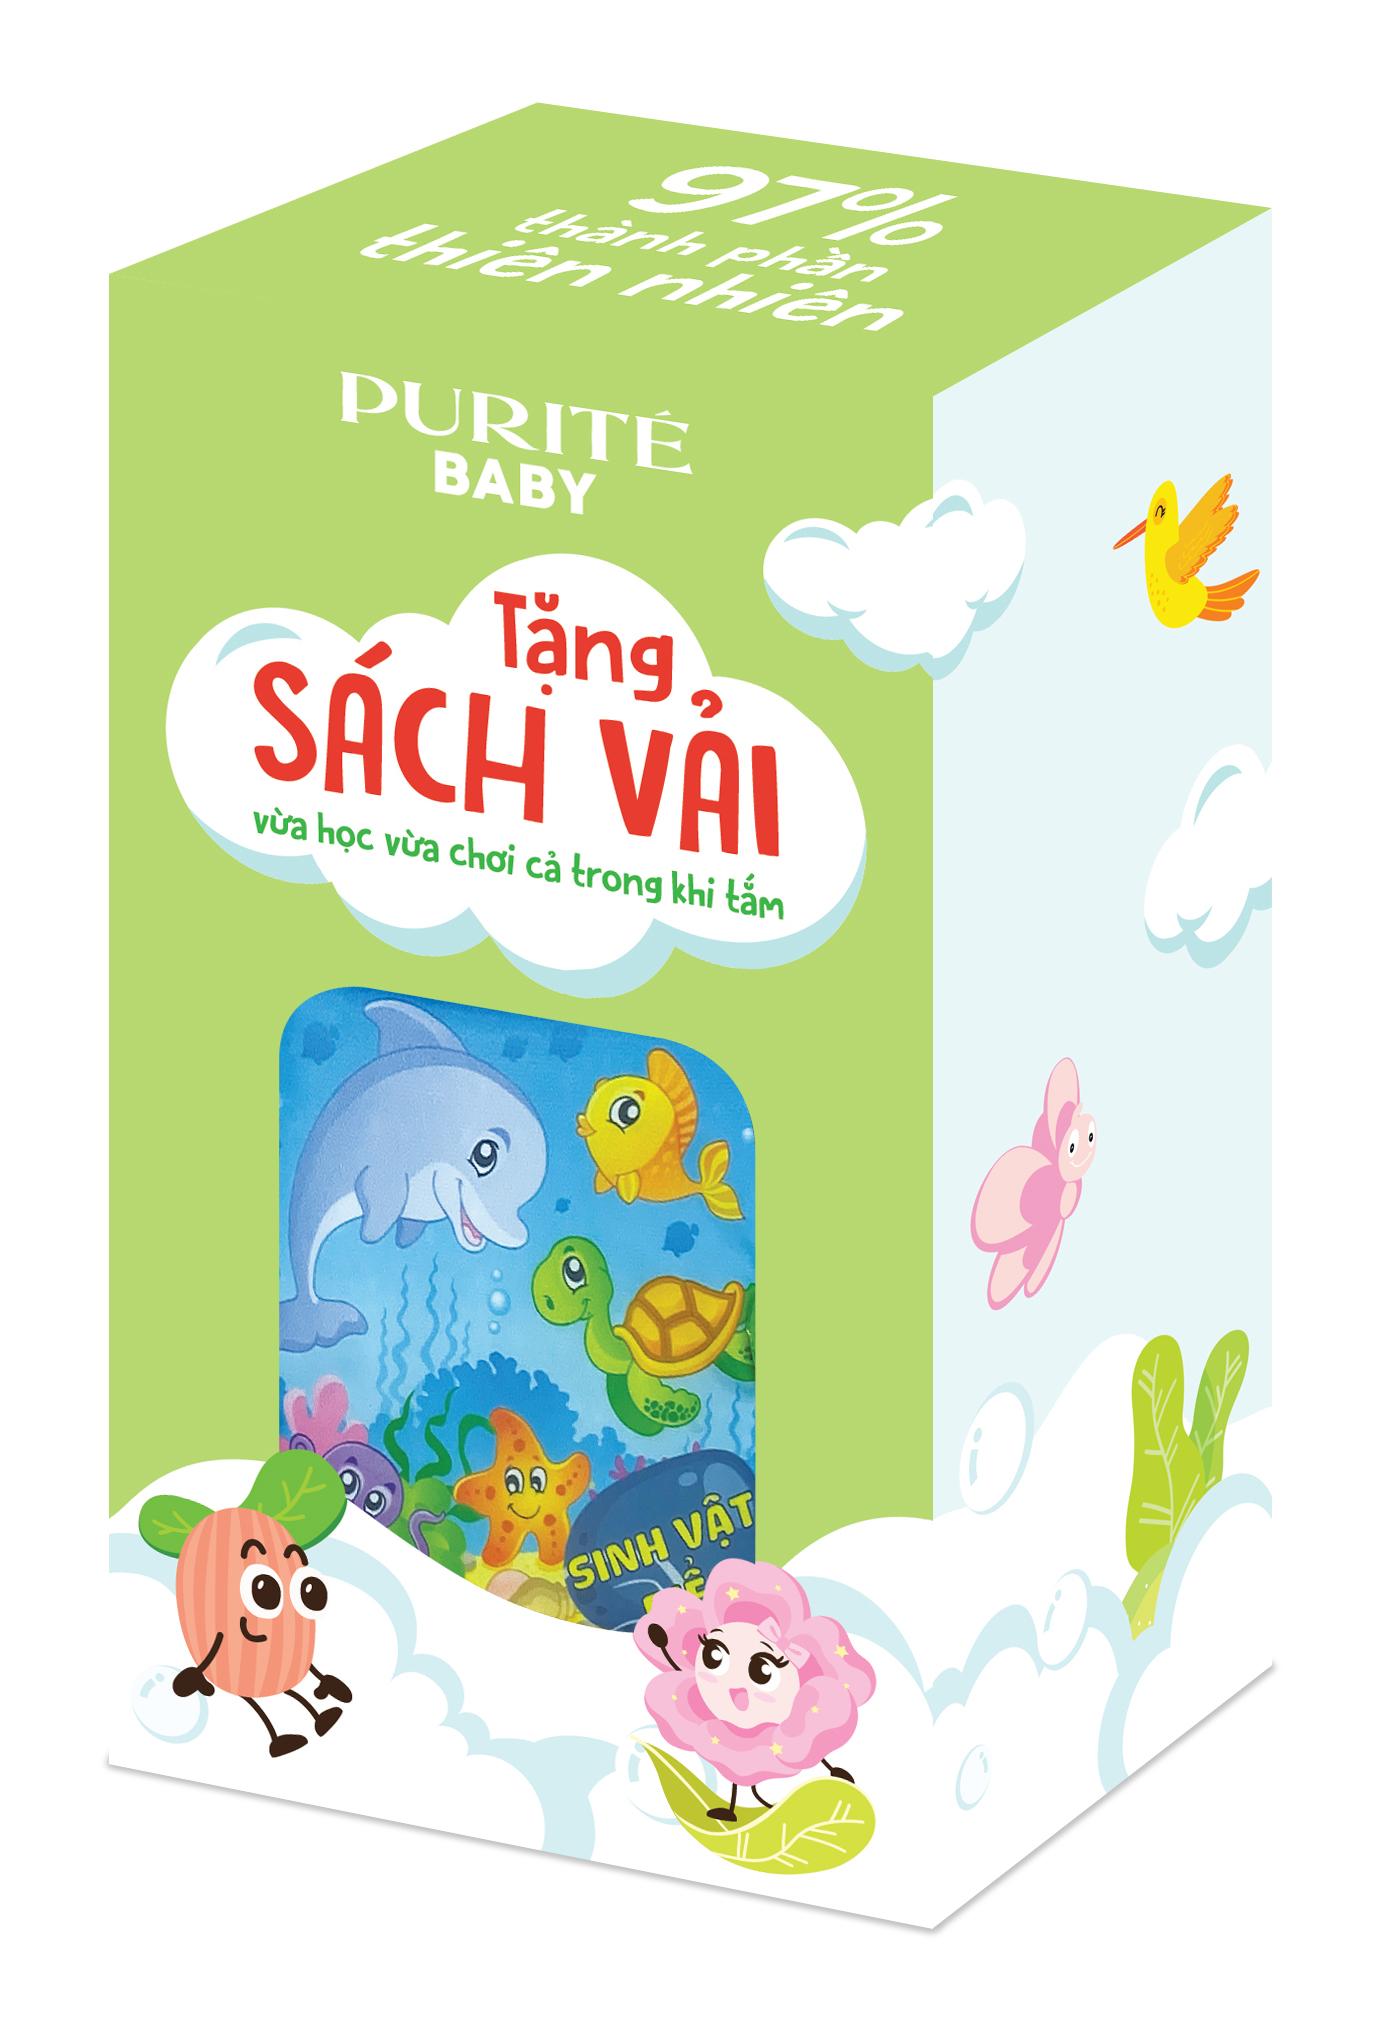 [Quà Tặng] Sách Vải Purité Baby Giúp Bé Phát Triển Trí Não